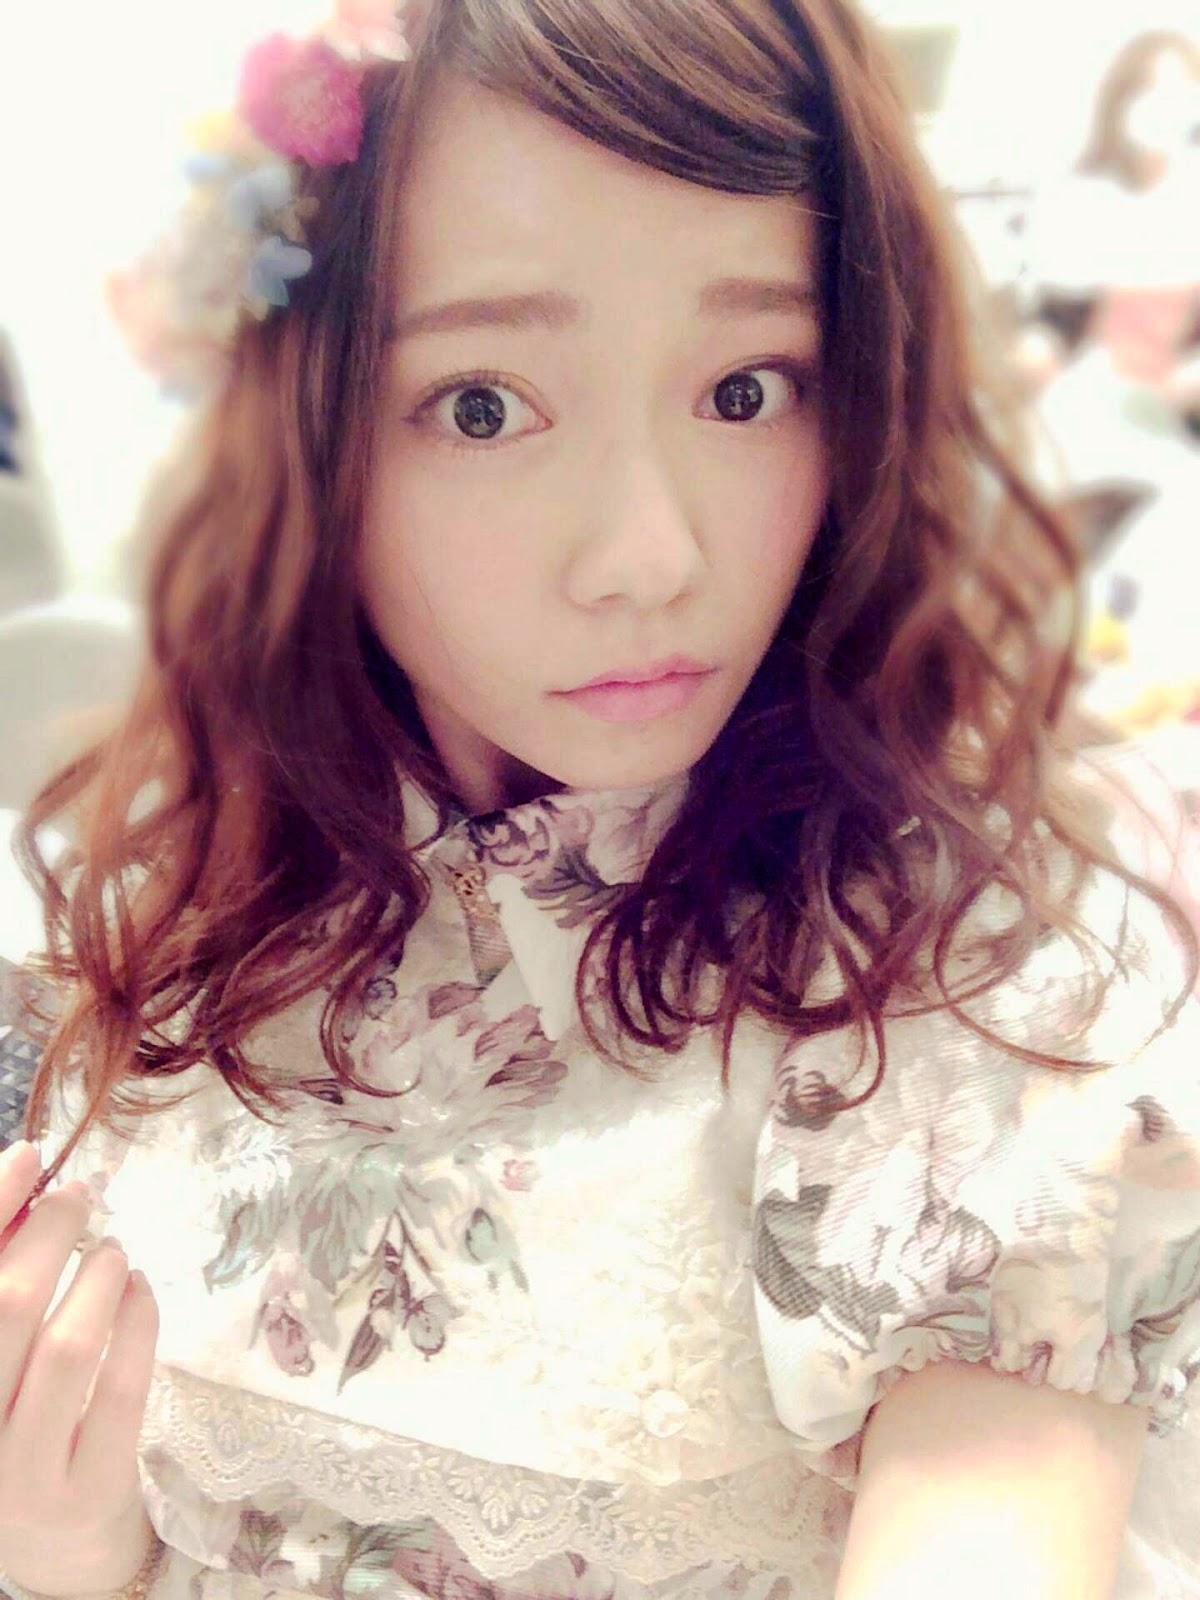 【画像のまとめ】AKB48・島崎遥香の過去から今までをまとめてみた♡のサムネイル画像